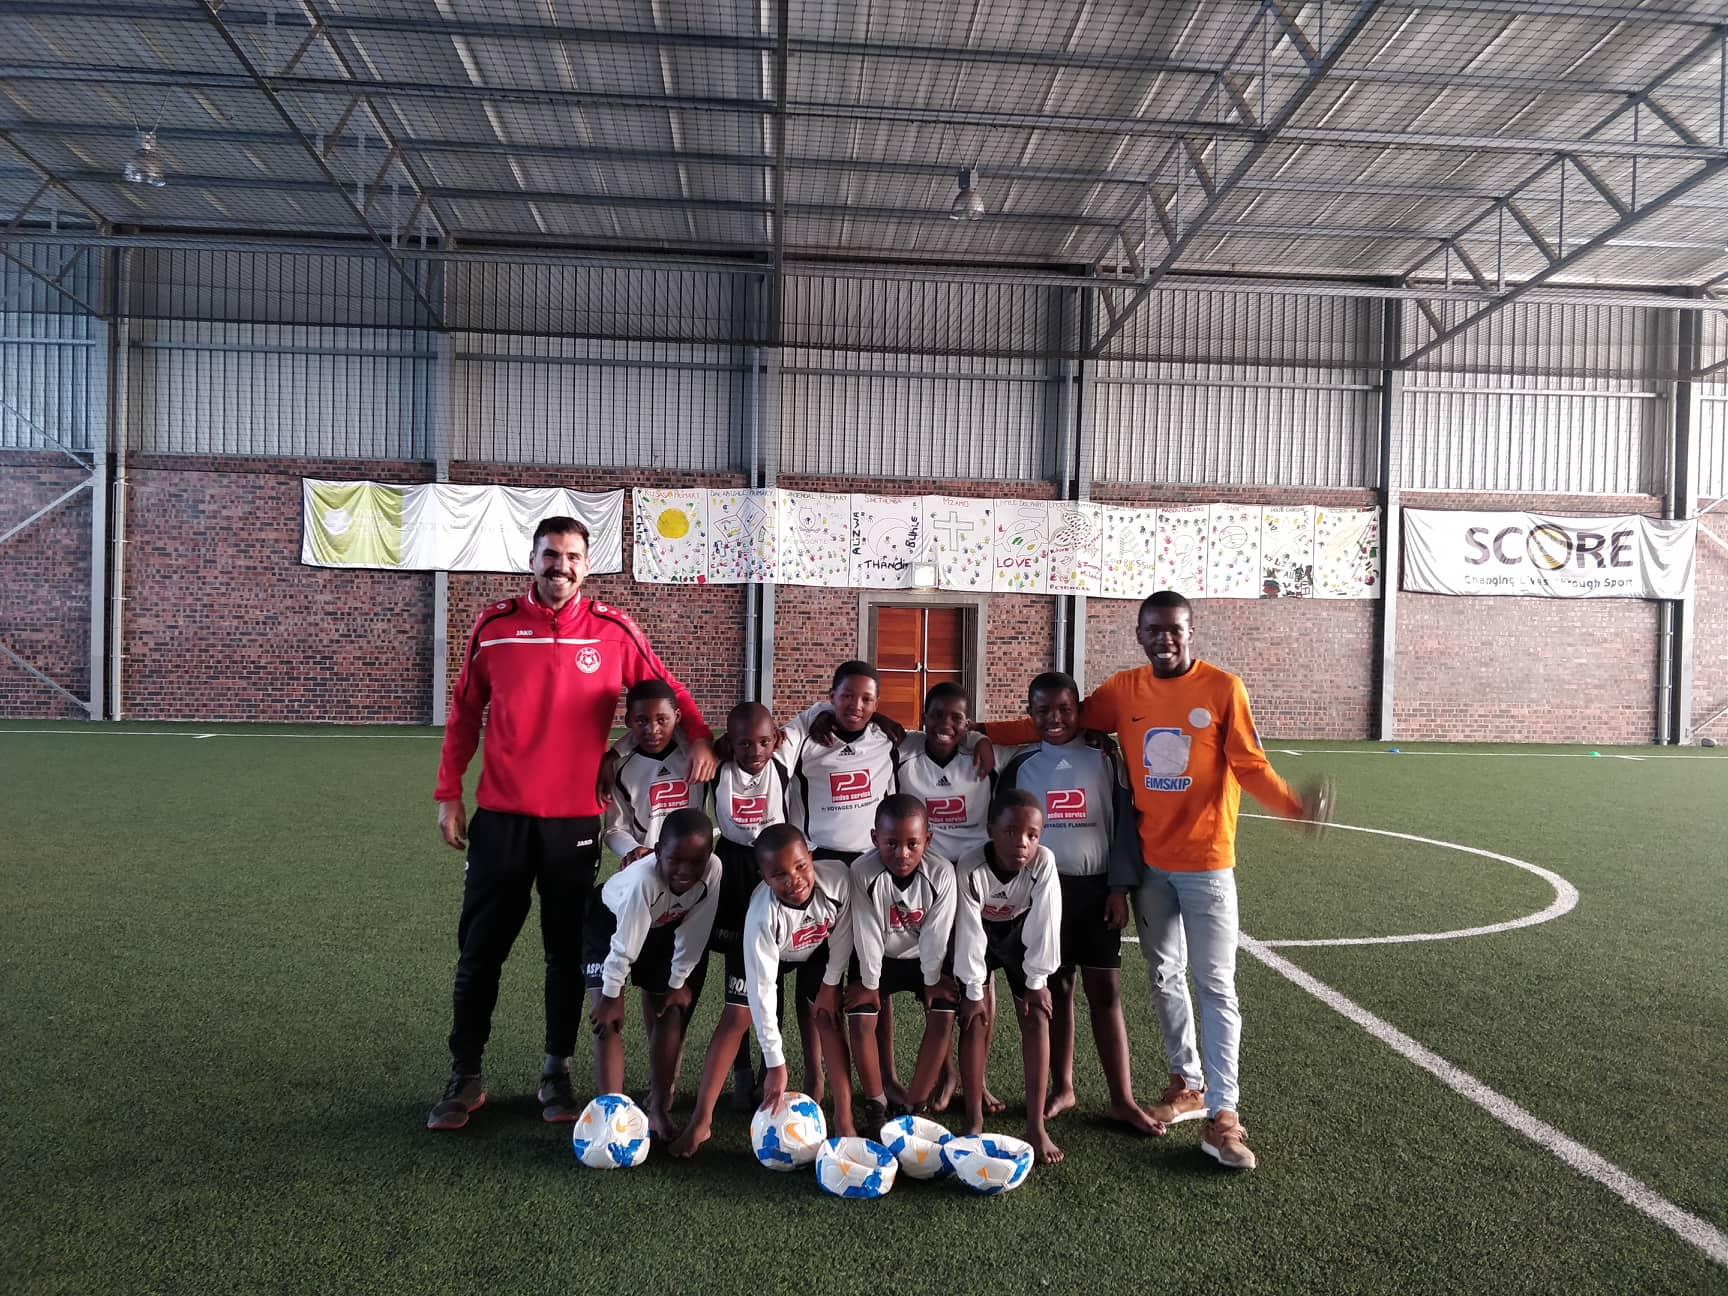 Den FC47 ënnerstëtzt Jugendéquipe an Südafrika